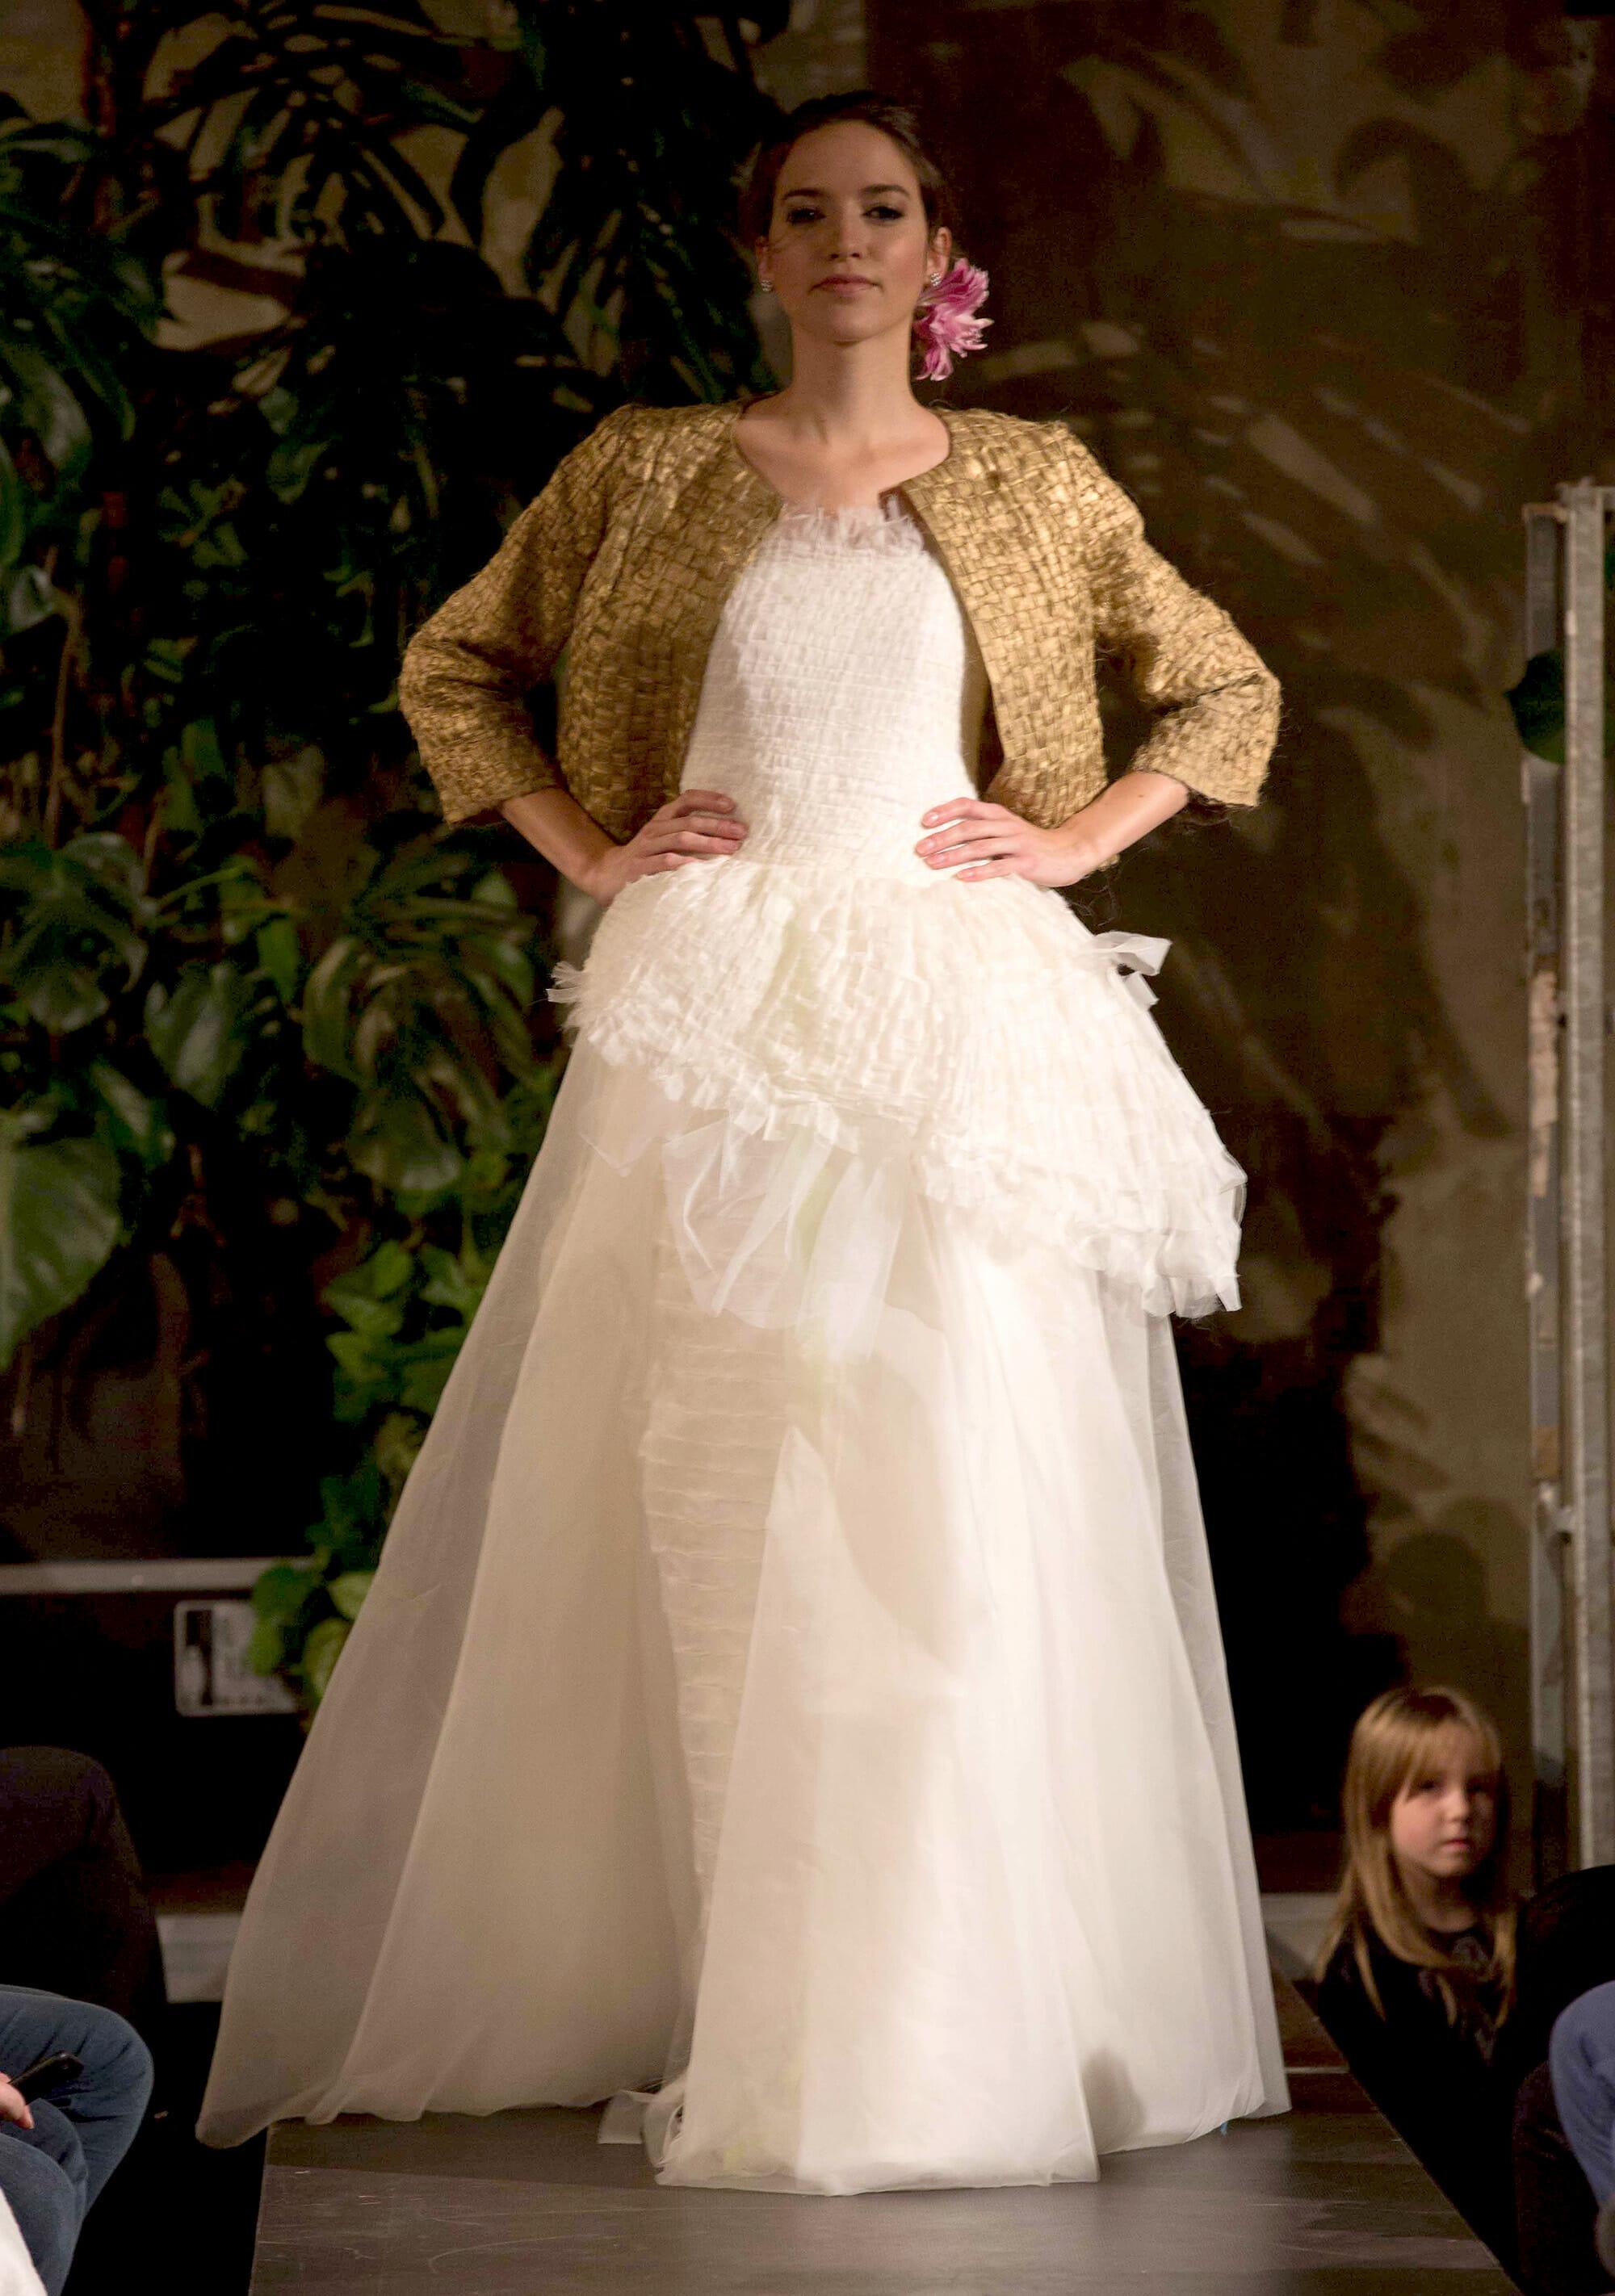 ANNE WOLF Abendkleider Modell: Lilian